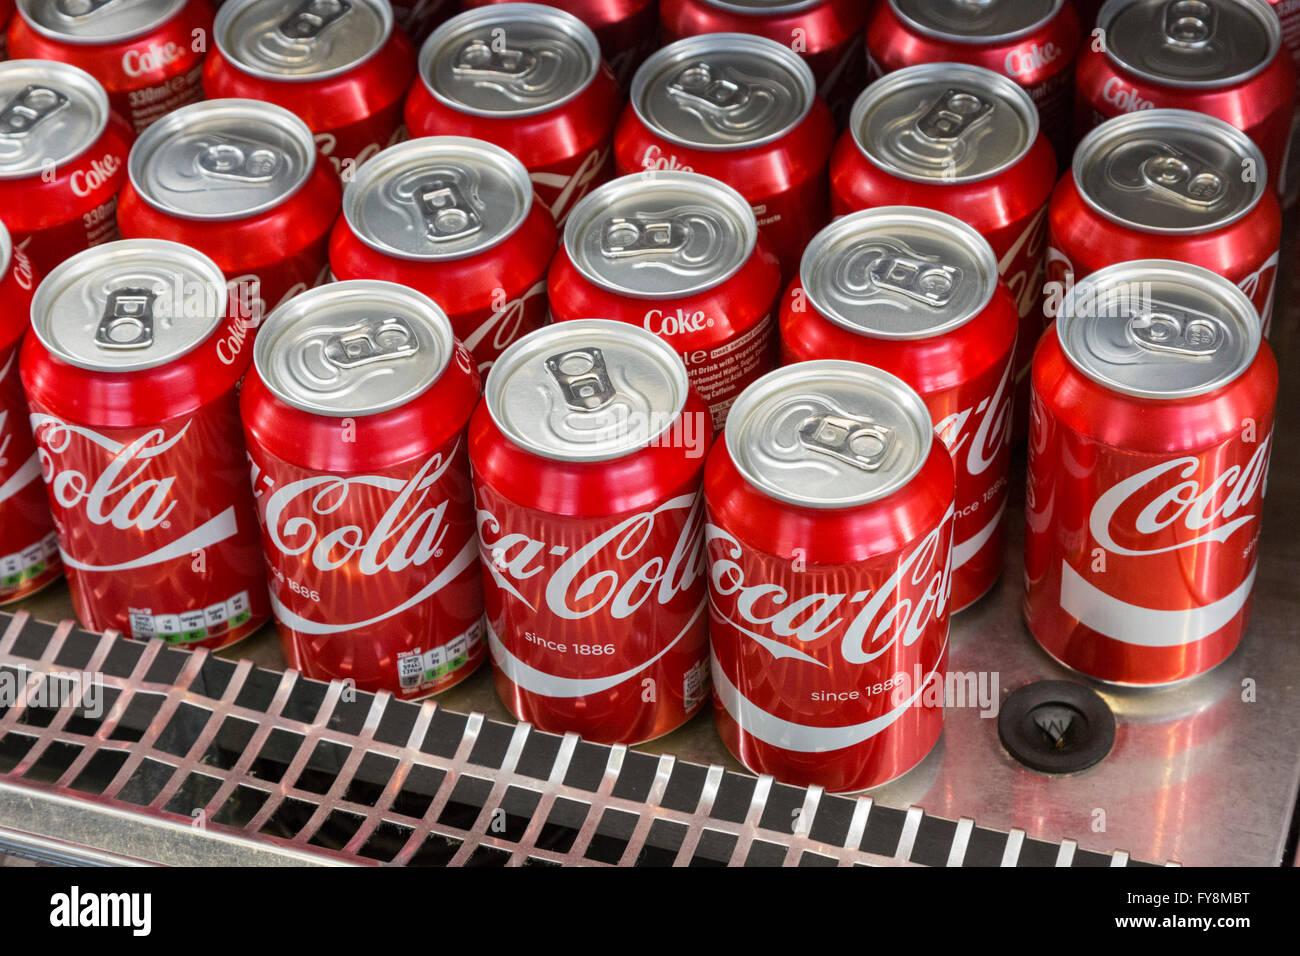 Kühlschrank Coco Cola : Viele coca cola dosen in einem kühlen schrank kühlschrank